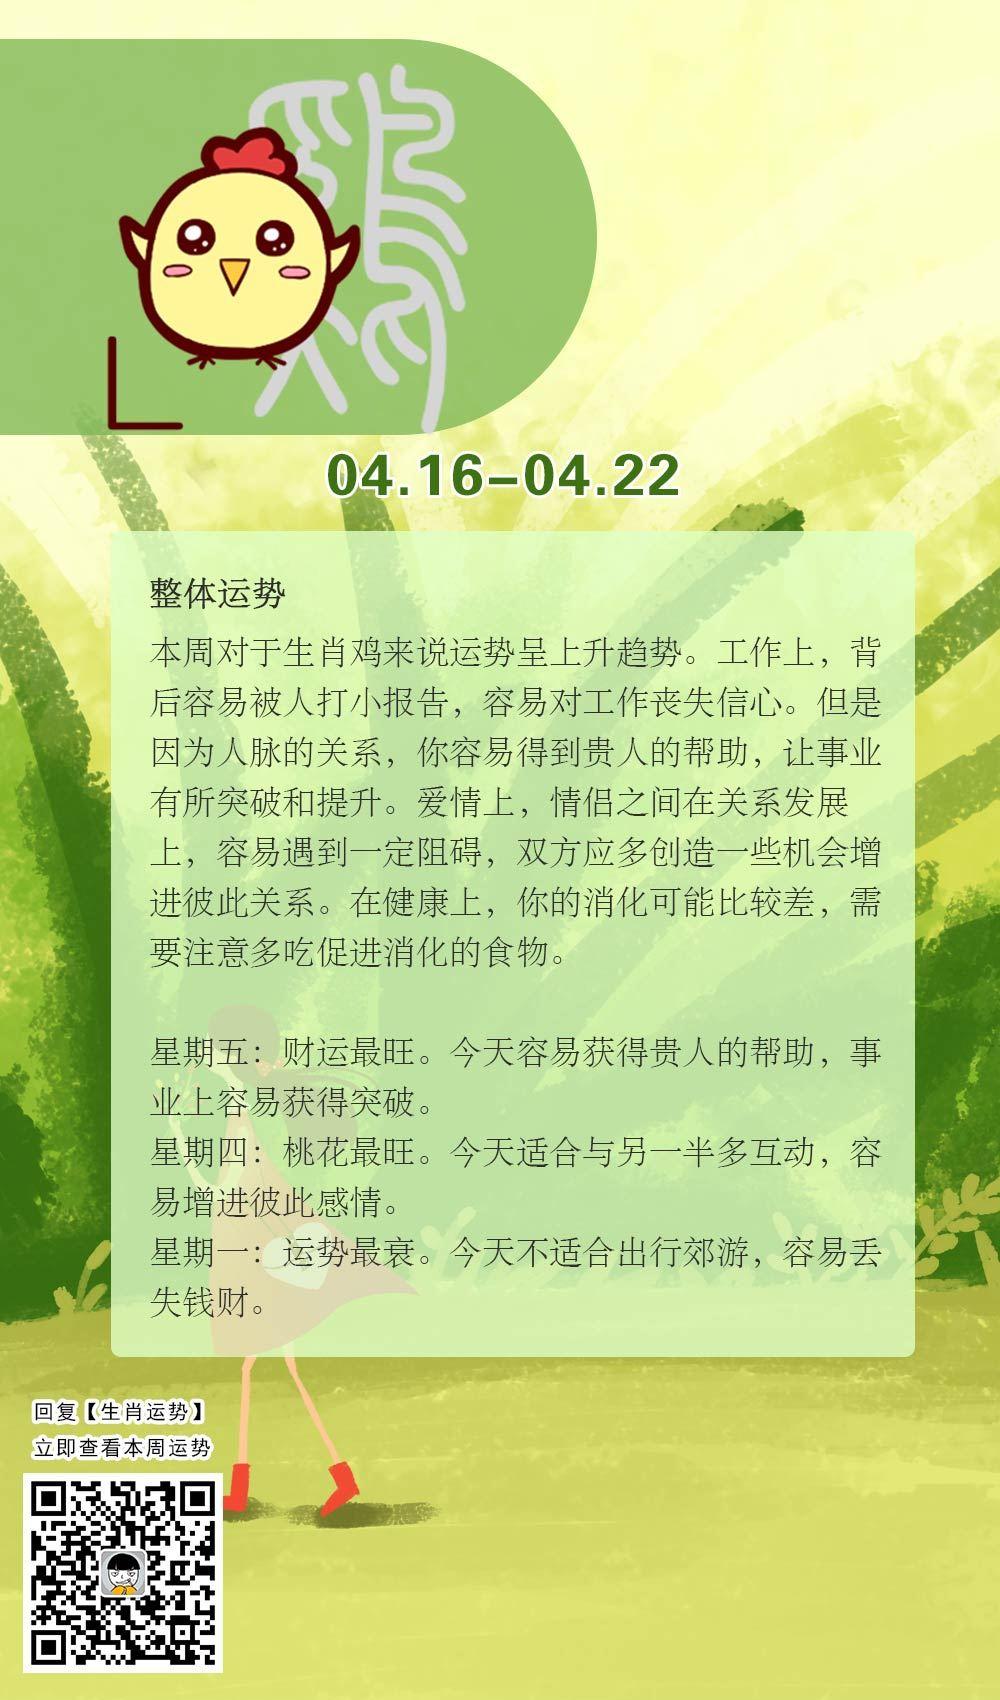 生肖鸡本周运势【2018.04.16-04.22】